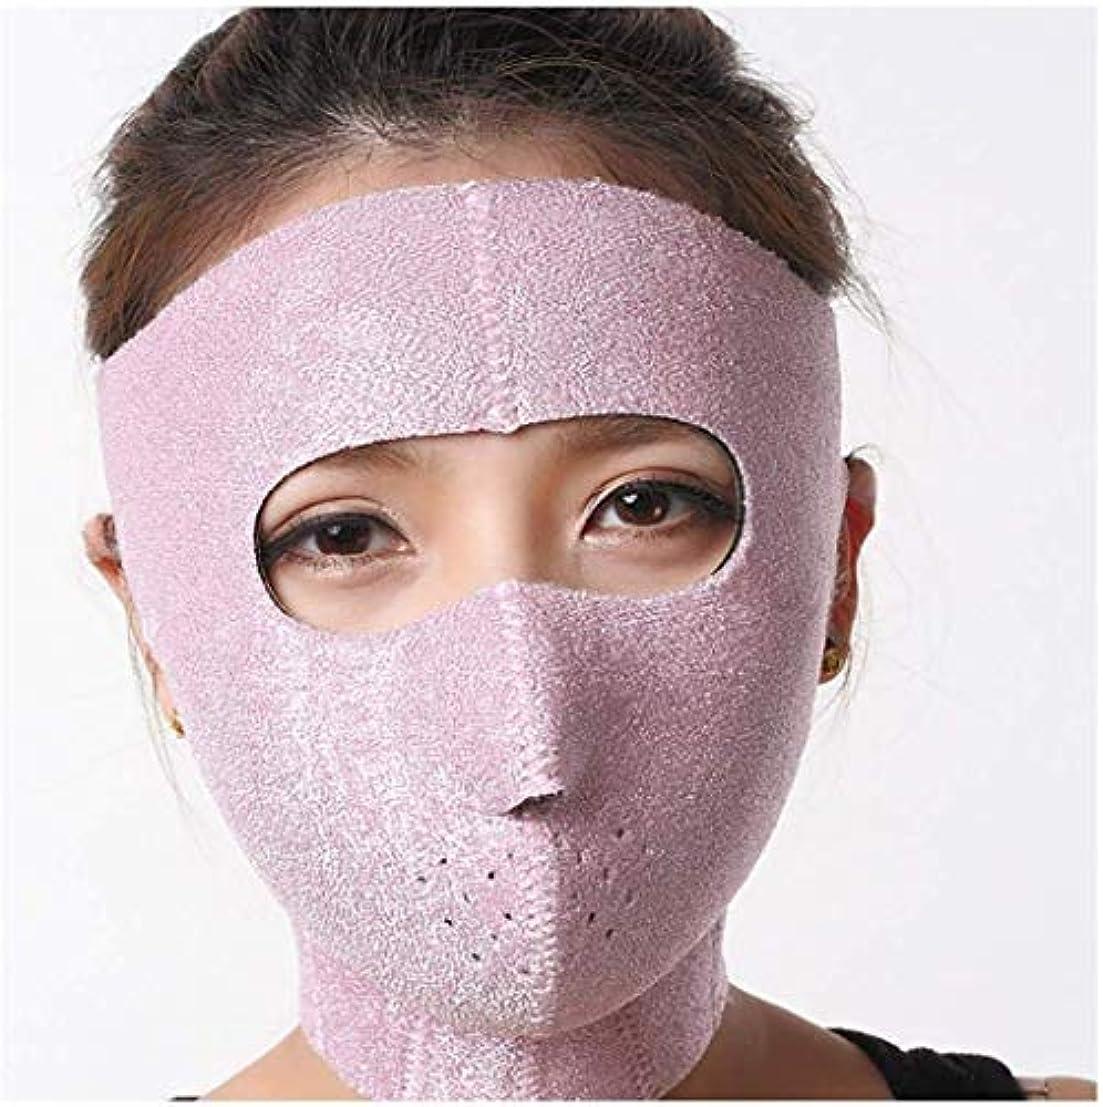 着る敬な登山家美容と実用的なSlim身ベルト、フェイシャルマスク薄い顔マスク睡眠薄い顔マスク薄い顔包帯薄い顔アーティファクト薄い顔顔リフティング薄い顔小さなV顔睡眠薄い顔ベルト